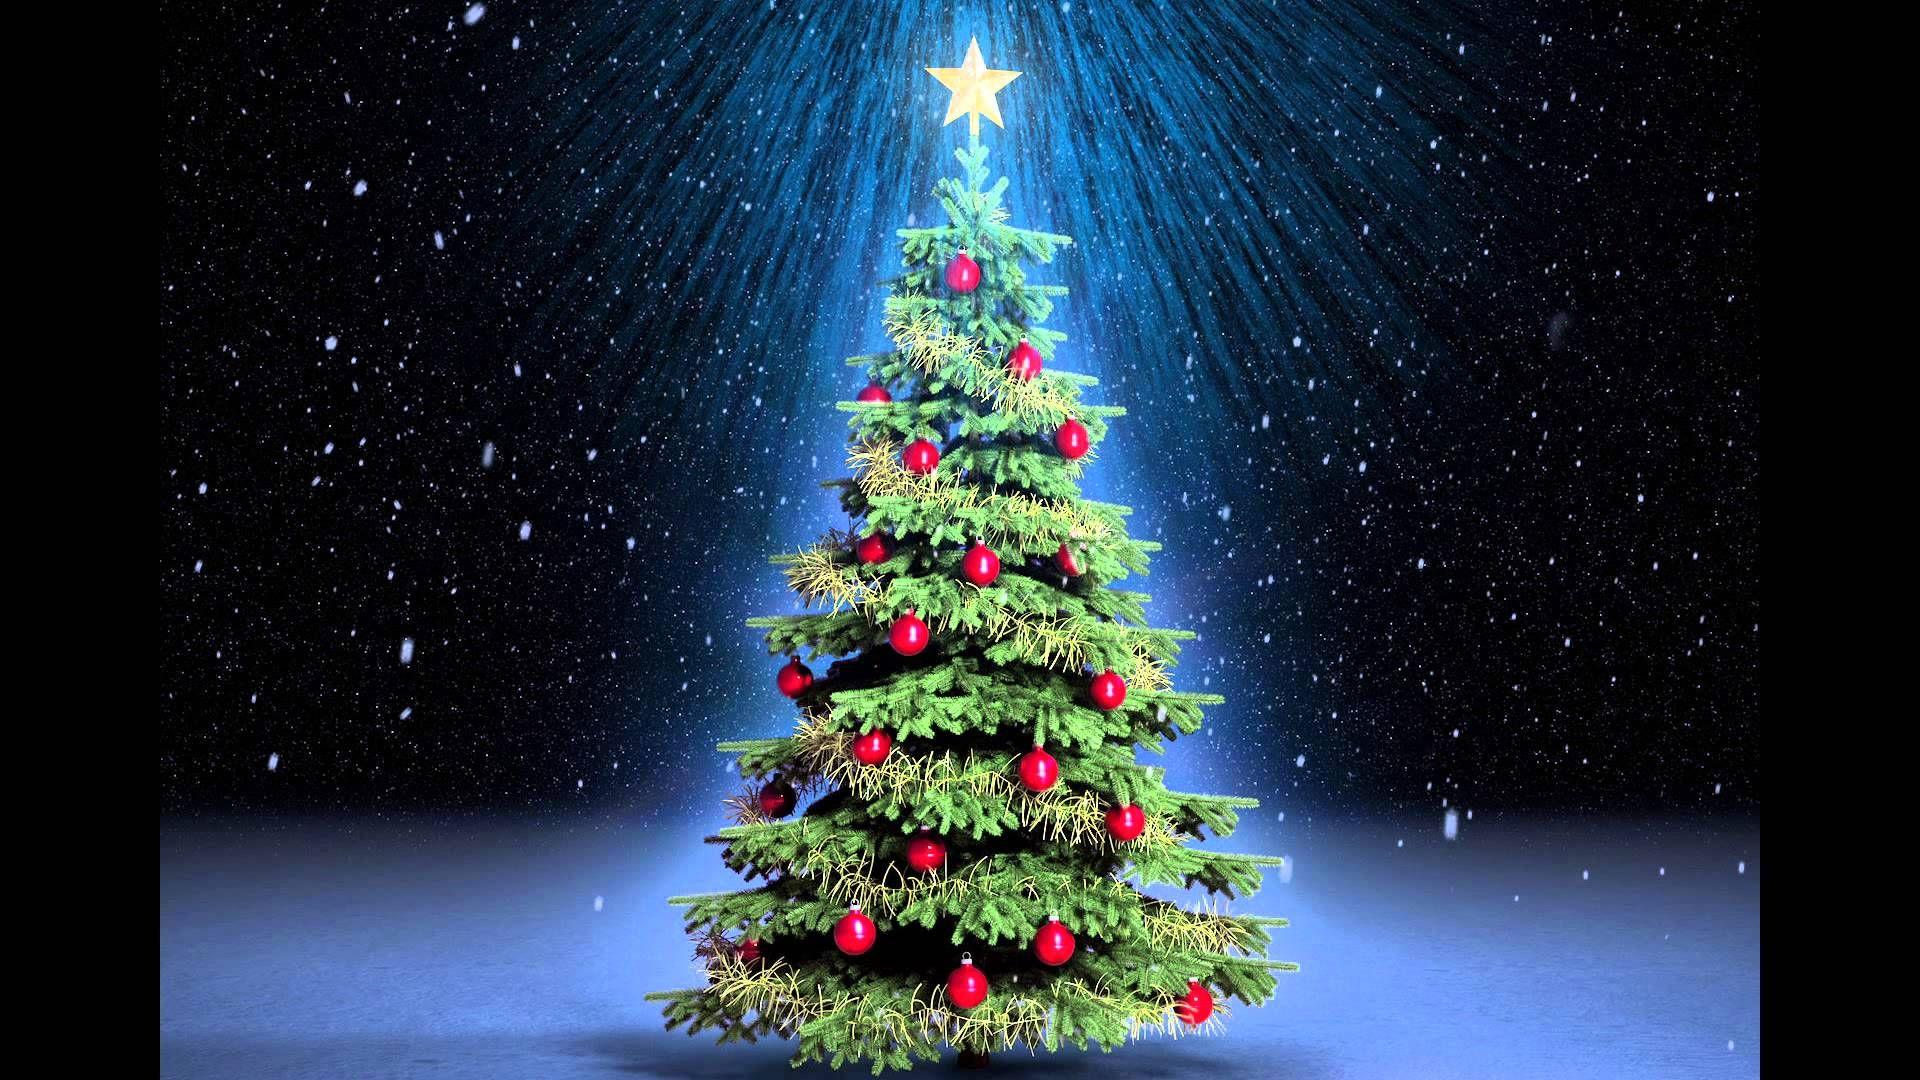 Audiocuento El Arbolito De Navidad